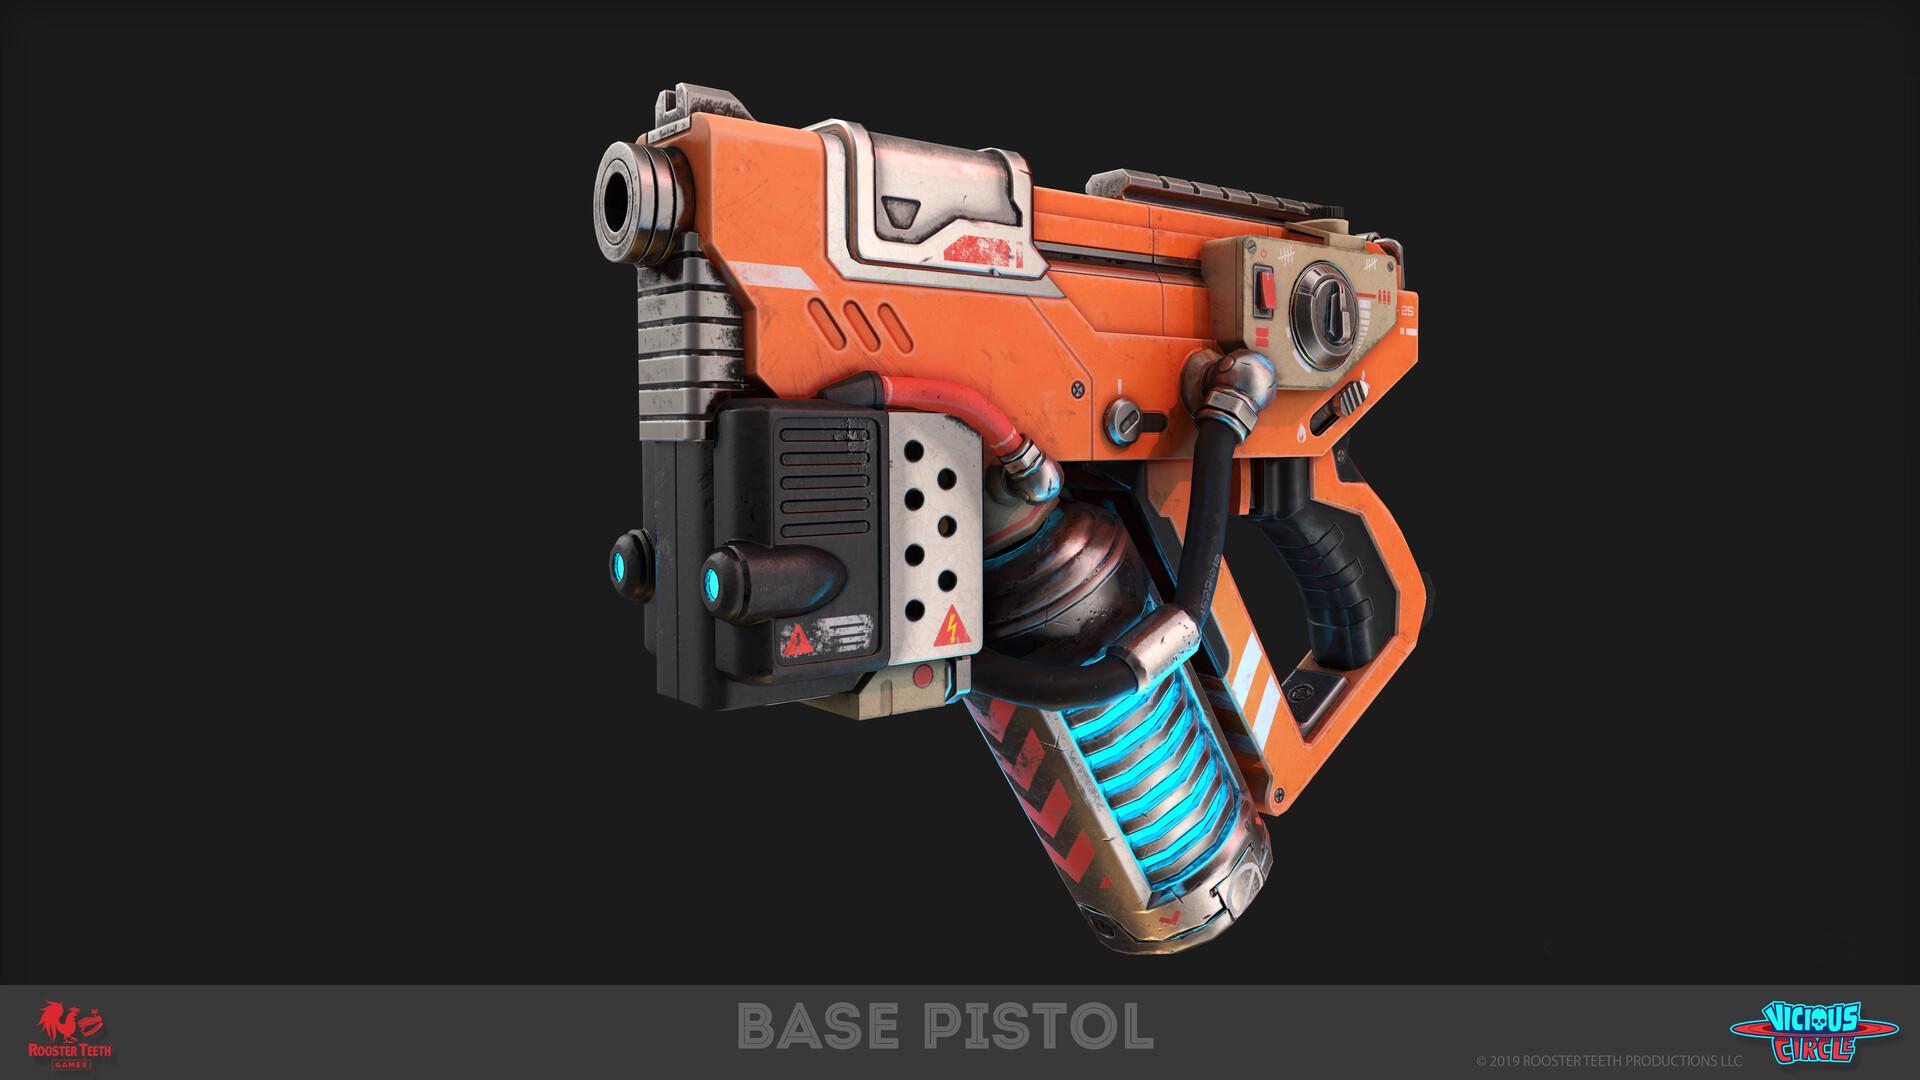 Markel milanes pistol 01